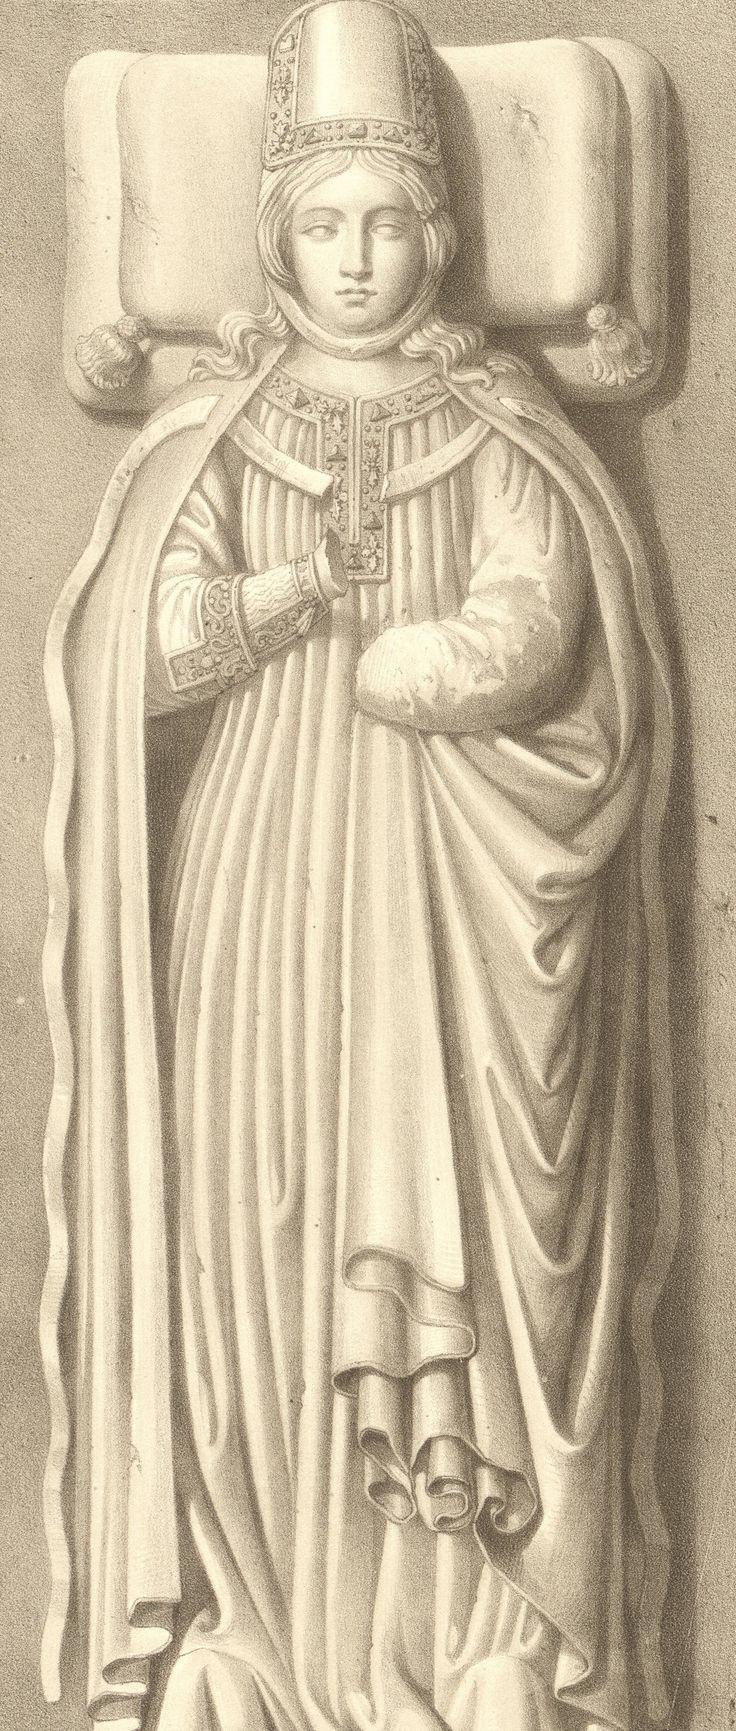 Mencía Lopez de Haro (Vizcaya 1215-1270 Palencia). Reina consorte de Portugal, casó con Sancho II cuyo matrimonio sería anulado por el Papa Inocencio IV. Hija del conde Lope II de Haro señor de Vizcaya y de Urraca Alfonso de León (hija legítima de Alfonso IX de León con su amante Ines Iñiguez de Mendoza). Hermanastra de Fernando III el Santo.